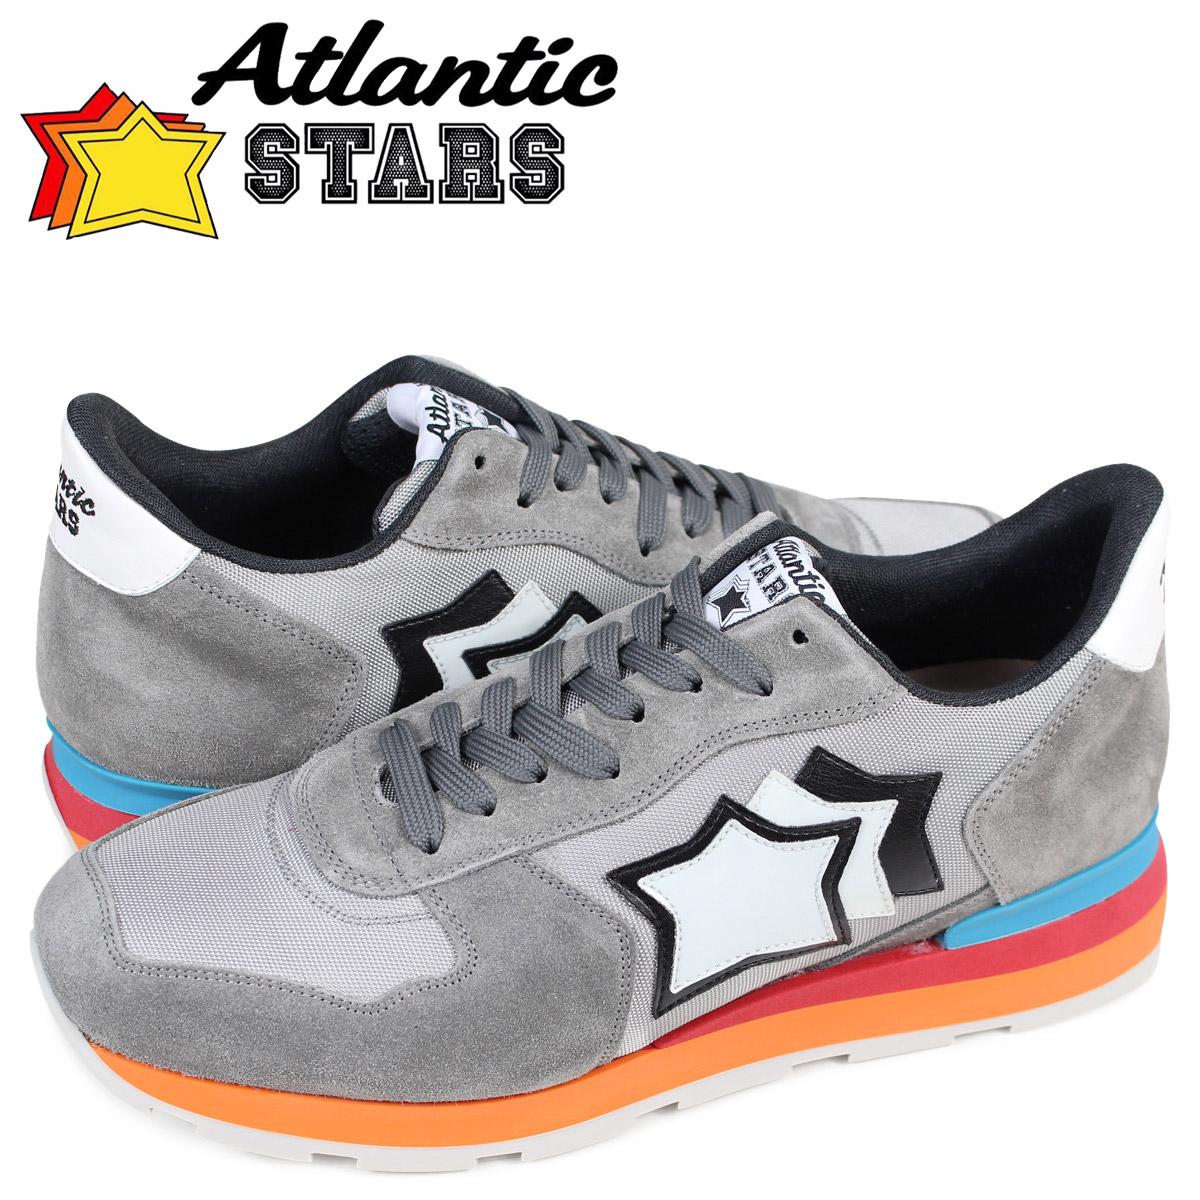 アトランティックスターズ メンズ スニーカー Atlantic STARS アンタレス ANTARES CS-85C グレー [4/7 追加入荷]